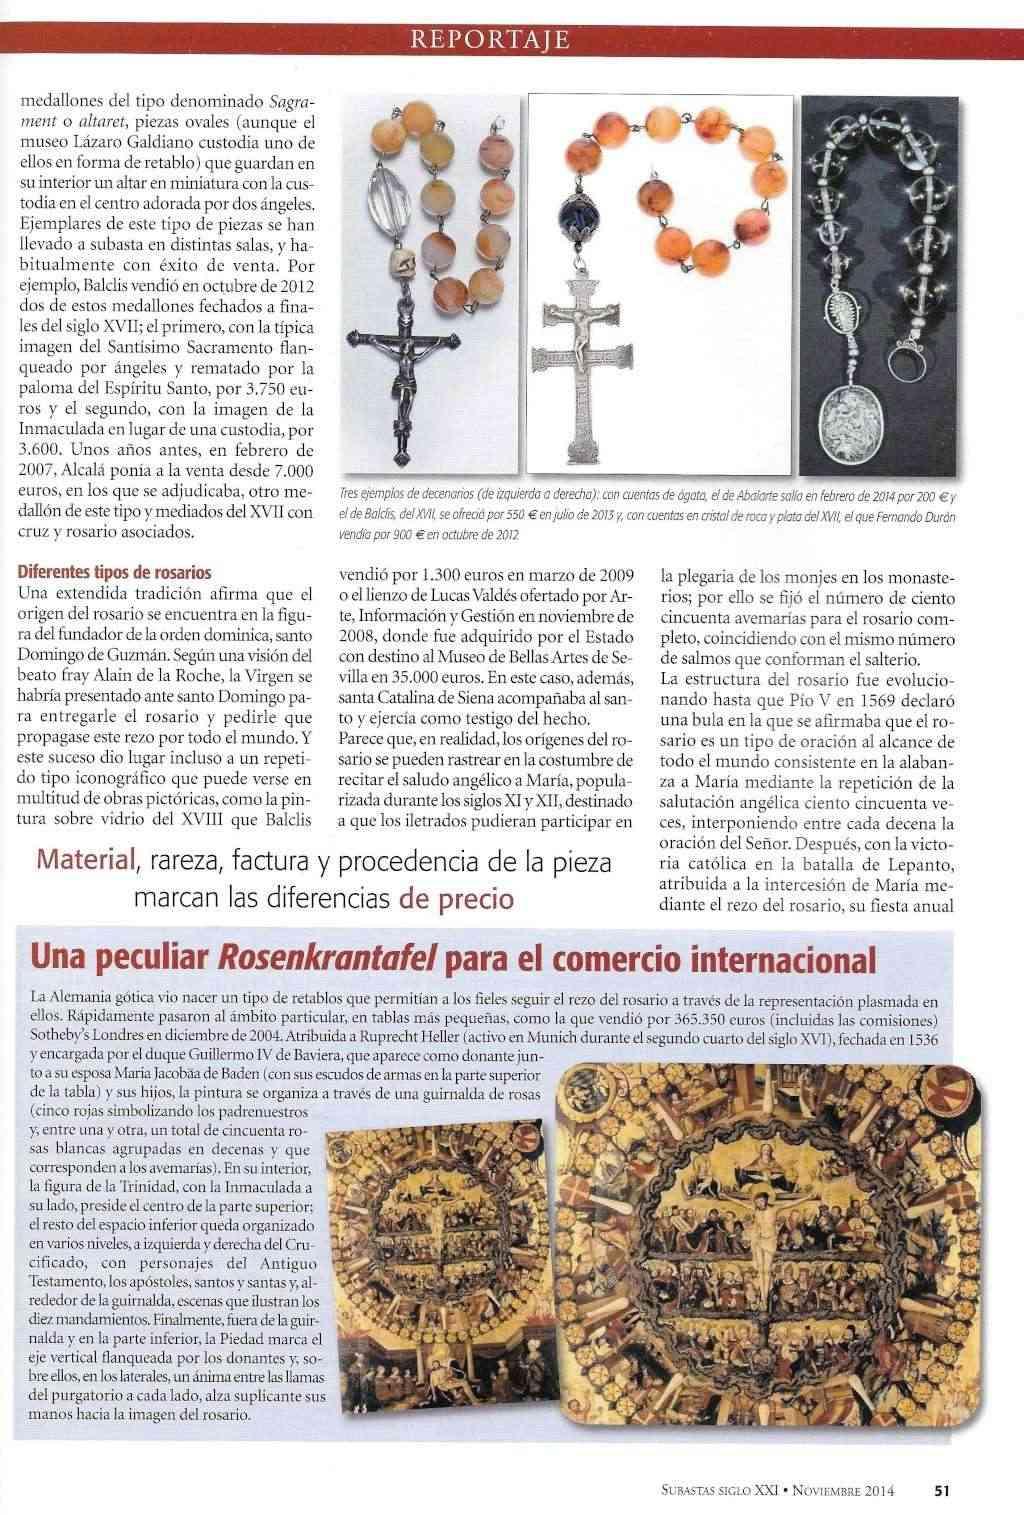 REPORTAJE SOBRE ROSARIOS EN REVISTA SIGLO XXI - SUBASTAS - NOVIEMBRE 2014 Rosari20